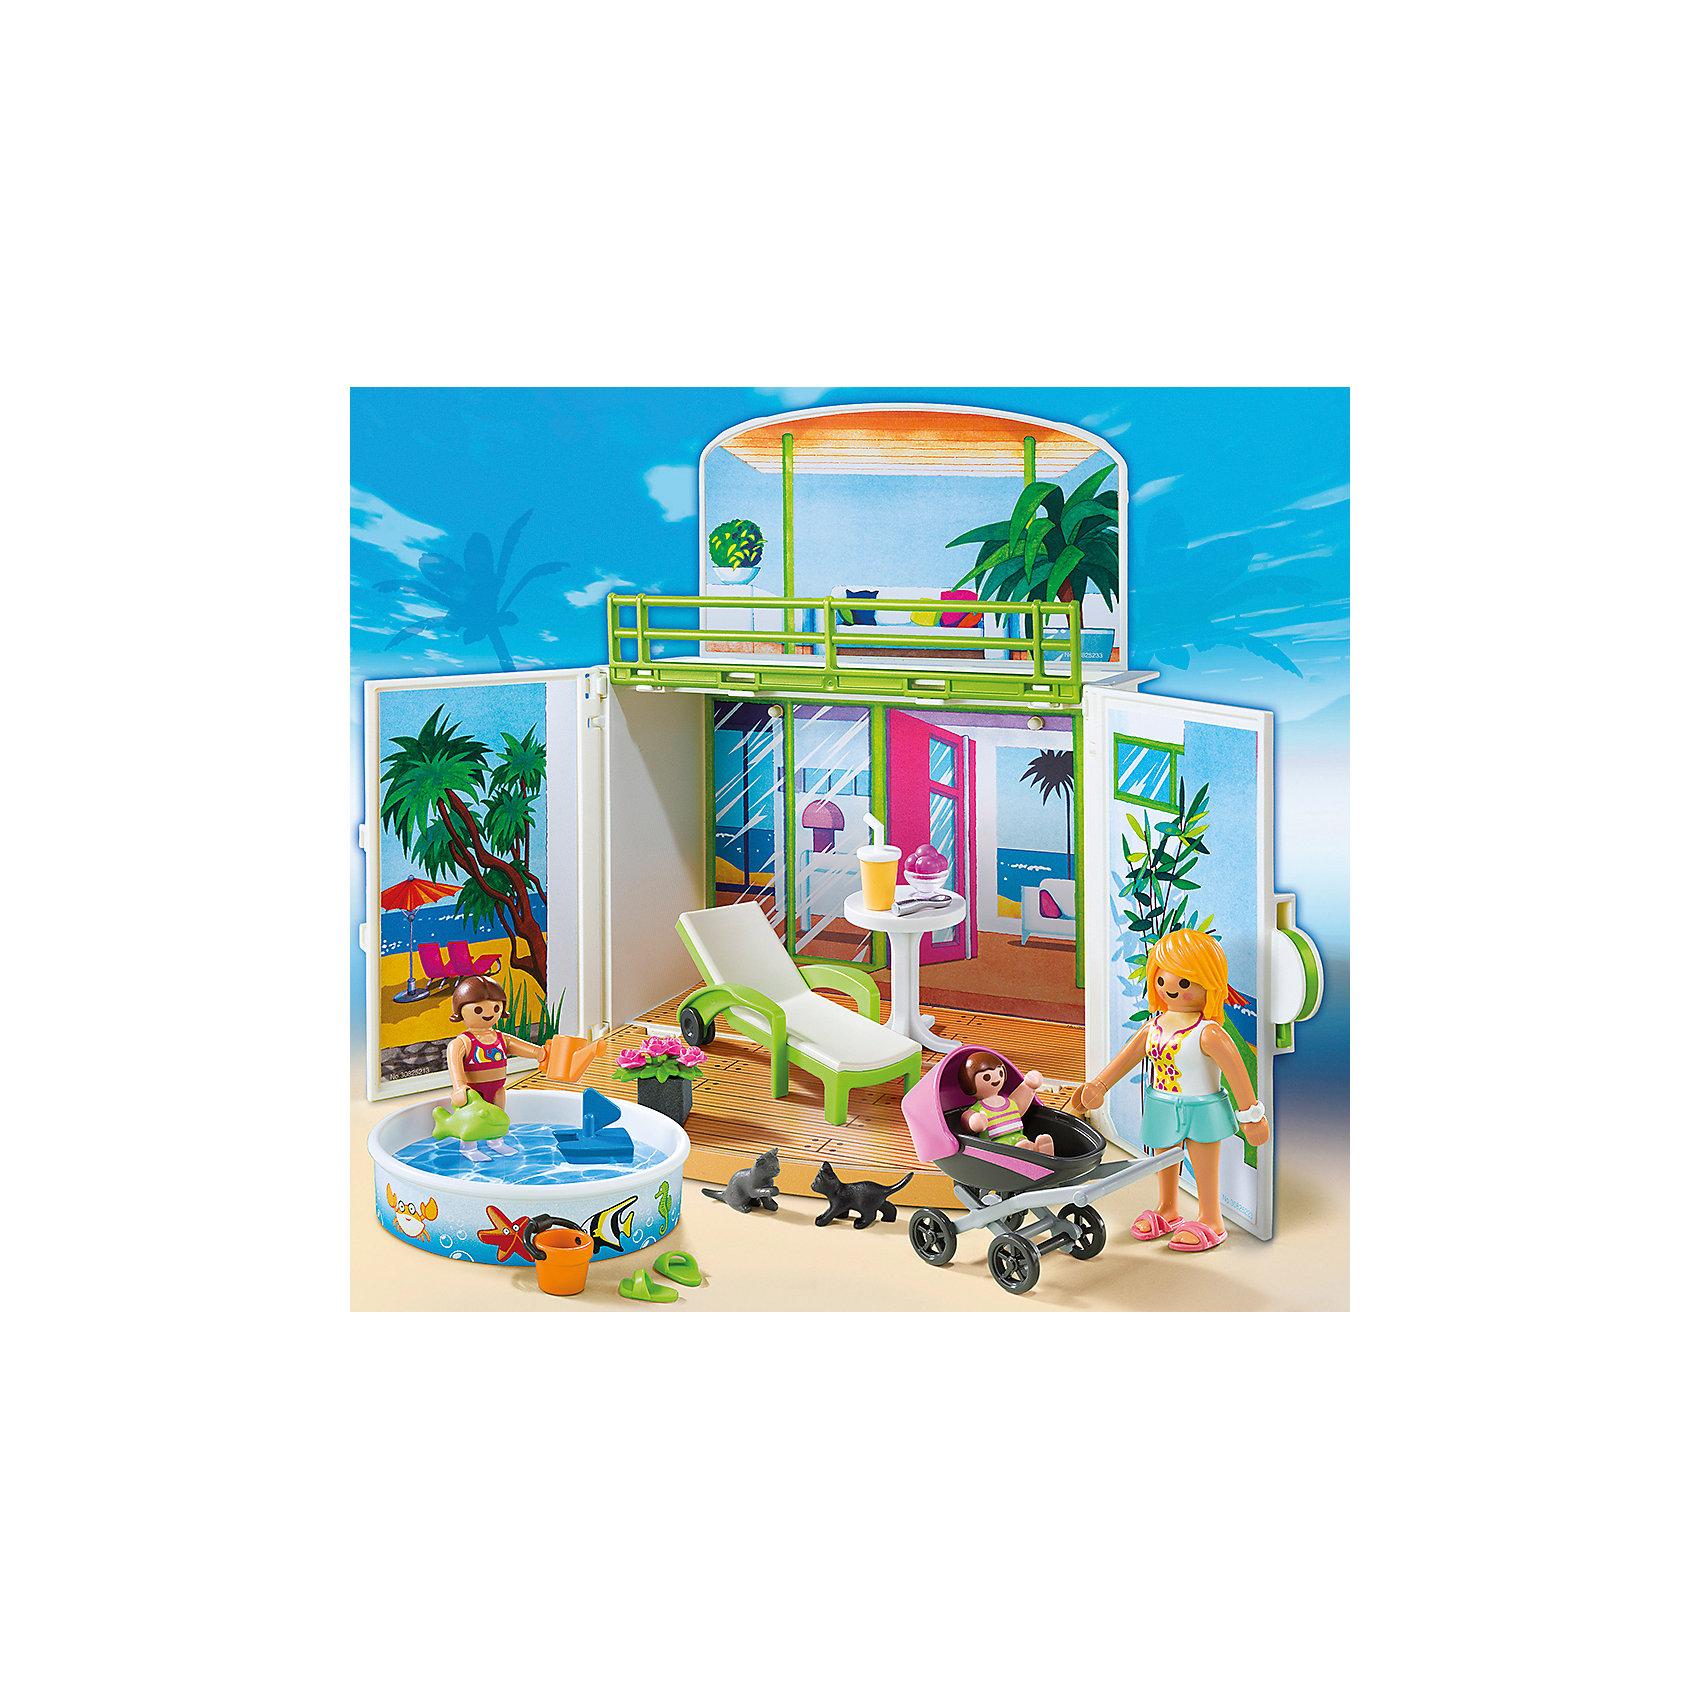 PLAYMOBIL® Возьми с собой: Пляжное Бунгало, PLAYMOBIL playmobil мальчики с гоночным мотоциклом